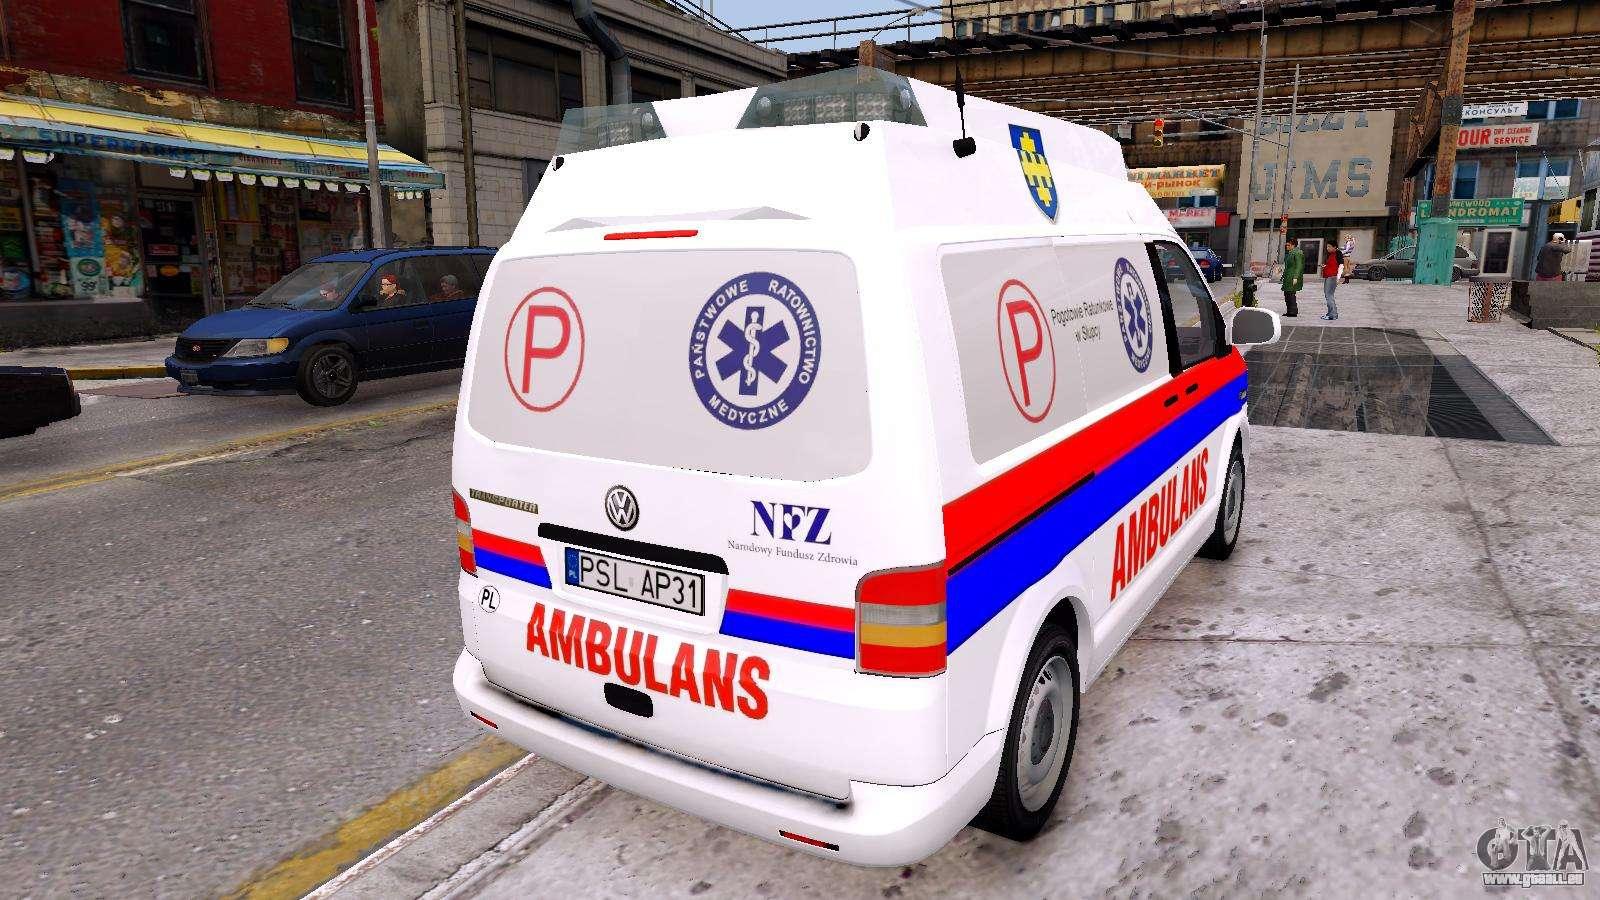 volkswagen t5 polish ambulance pour gta 4. Black Bedroom Furniture Sets. Home Design Ideas